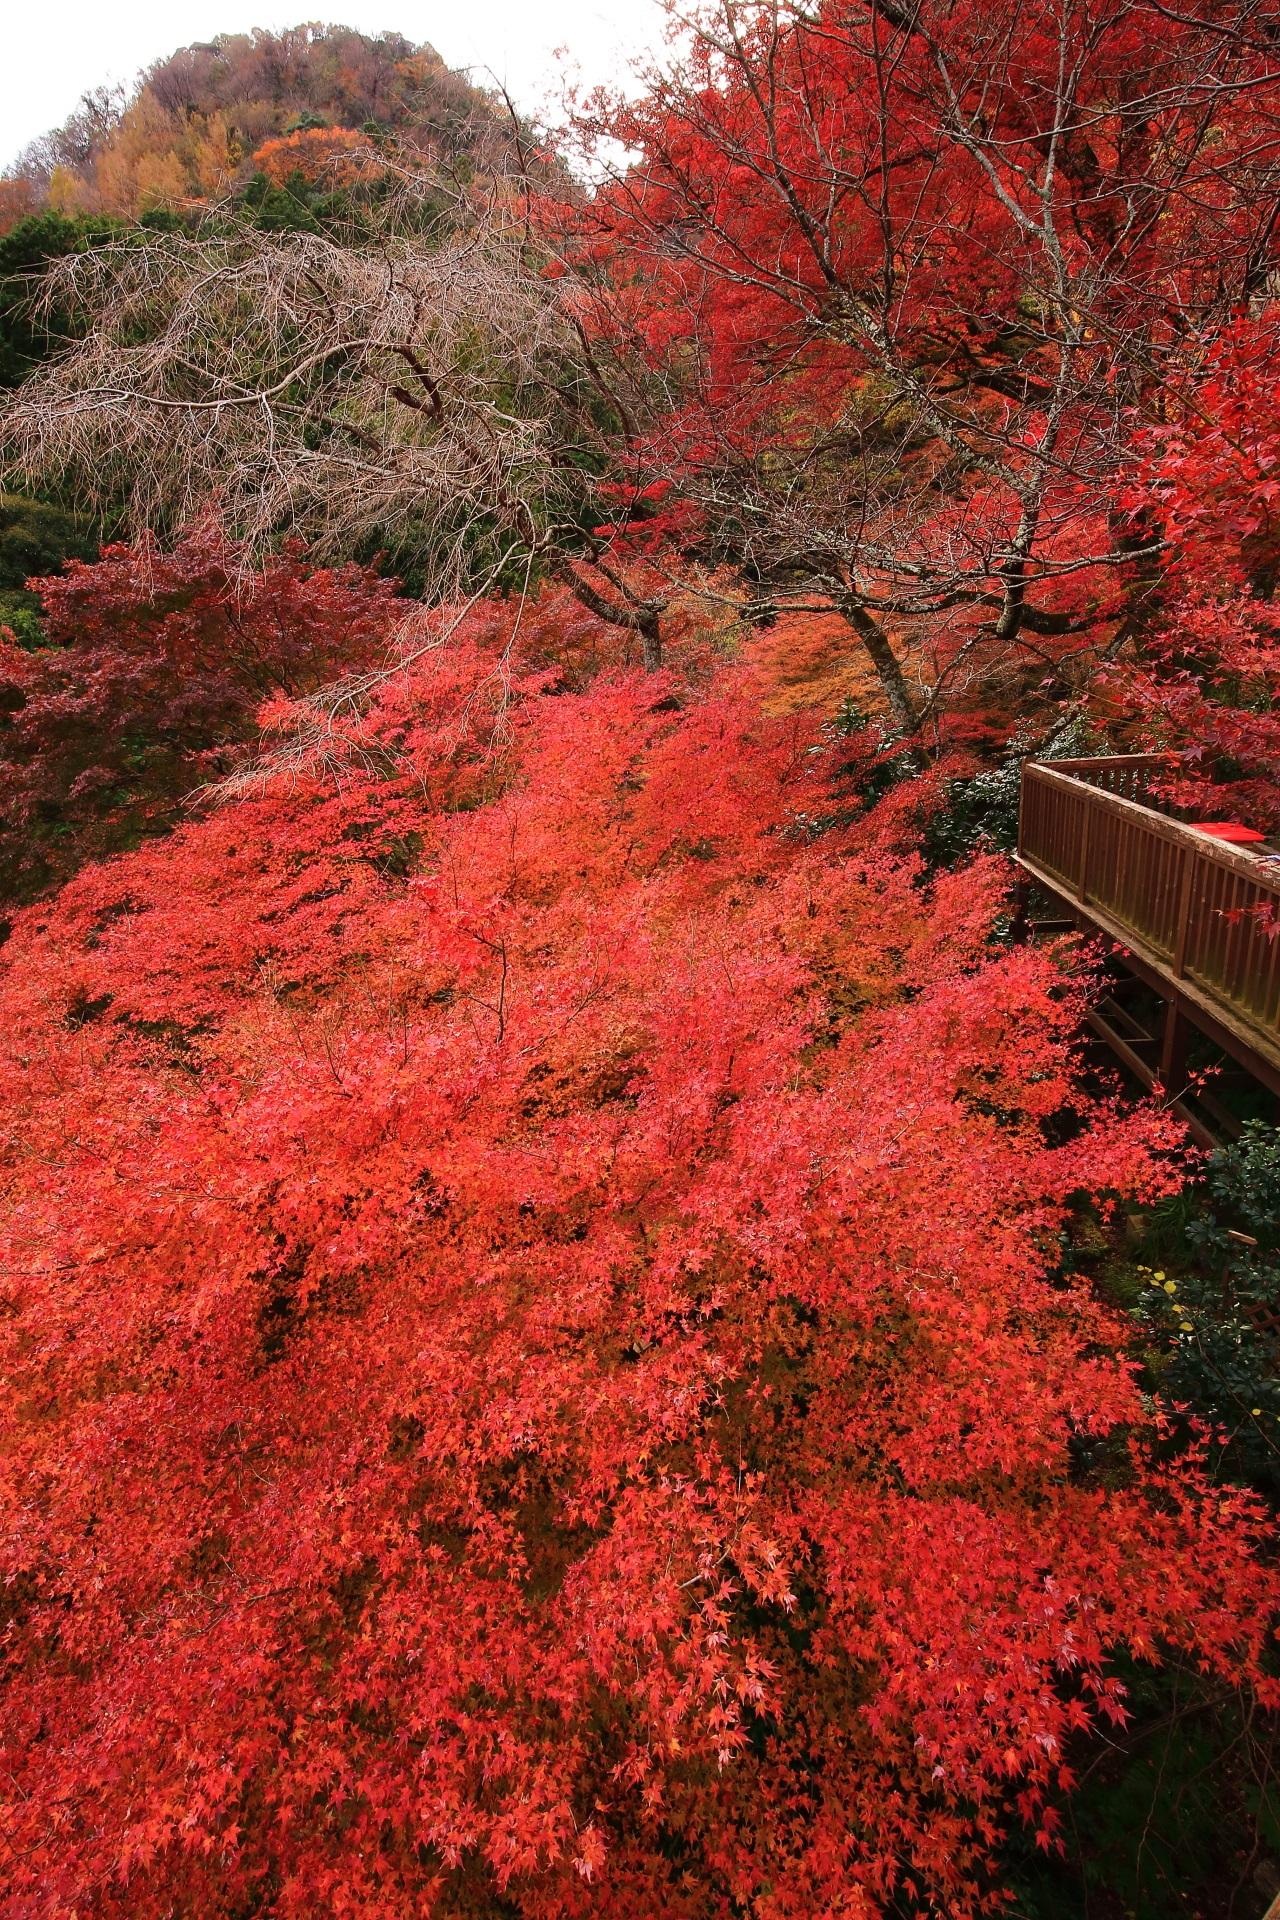 葉の密度が濃く鮮やかな色づきの圧巻の紅葉